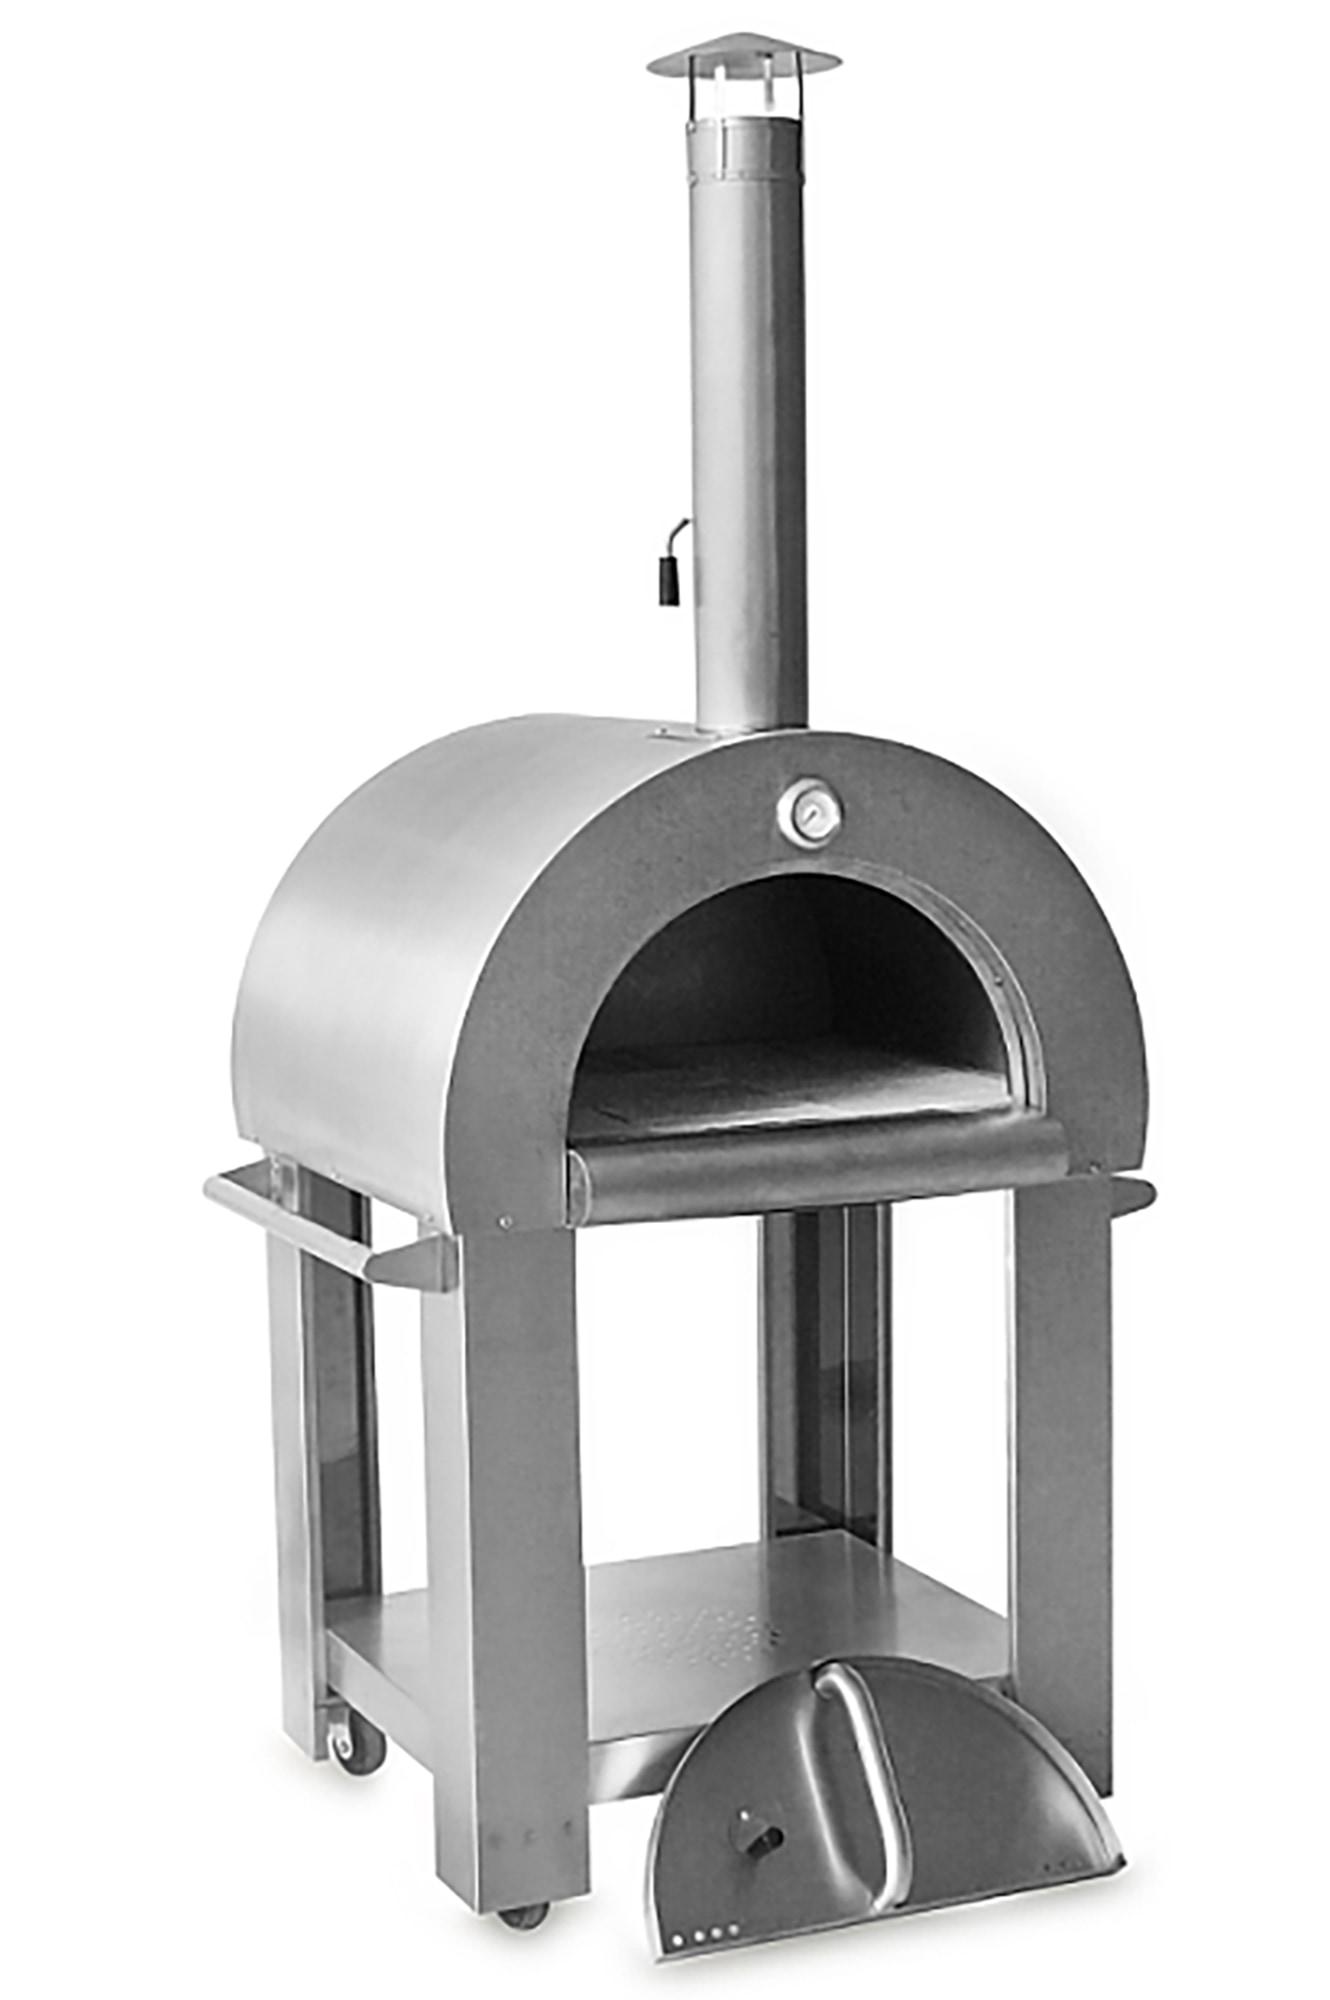 Thor Kitchen Pizza Oven